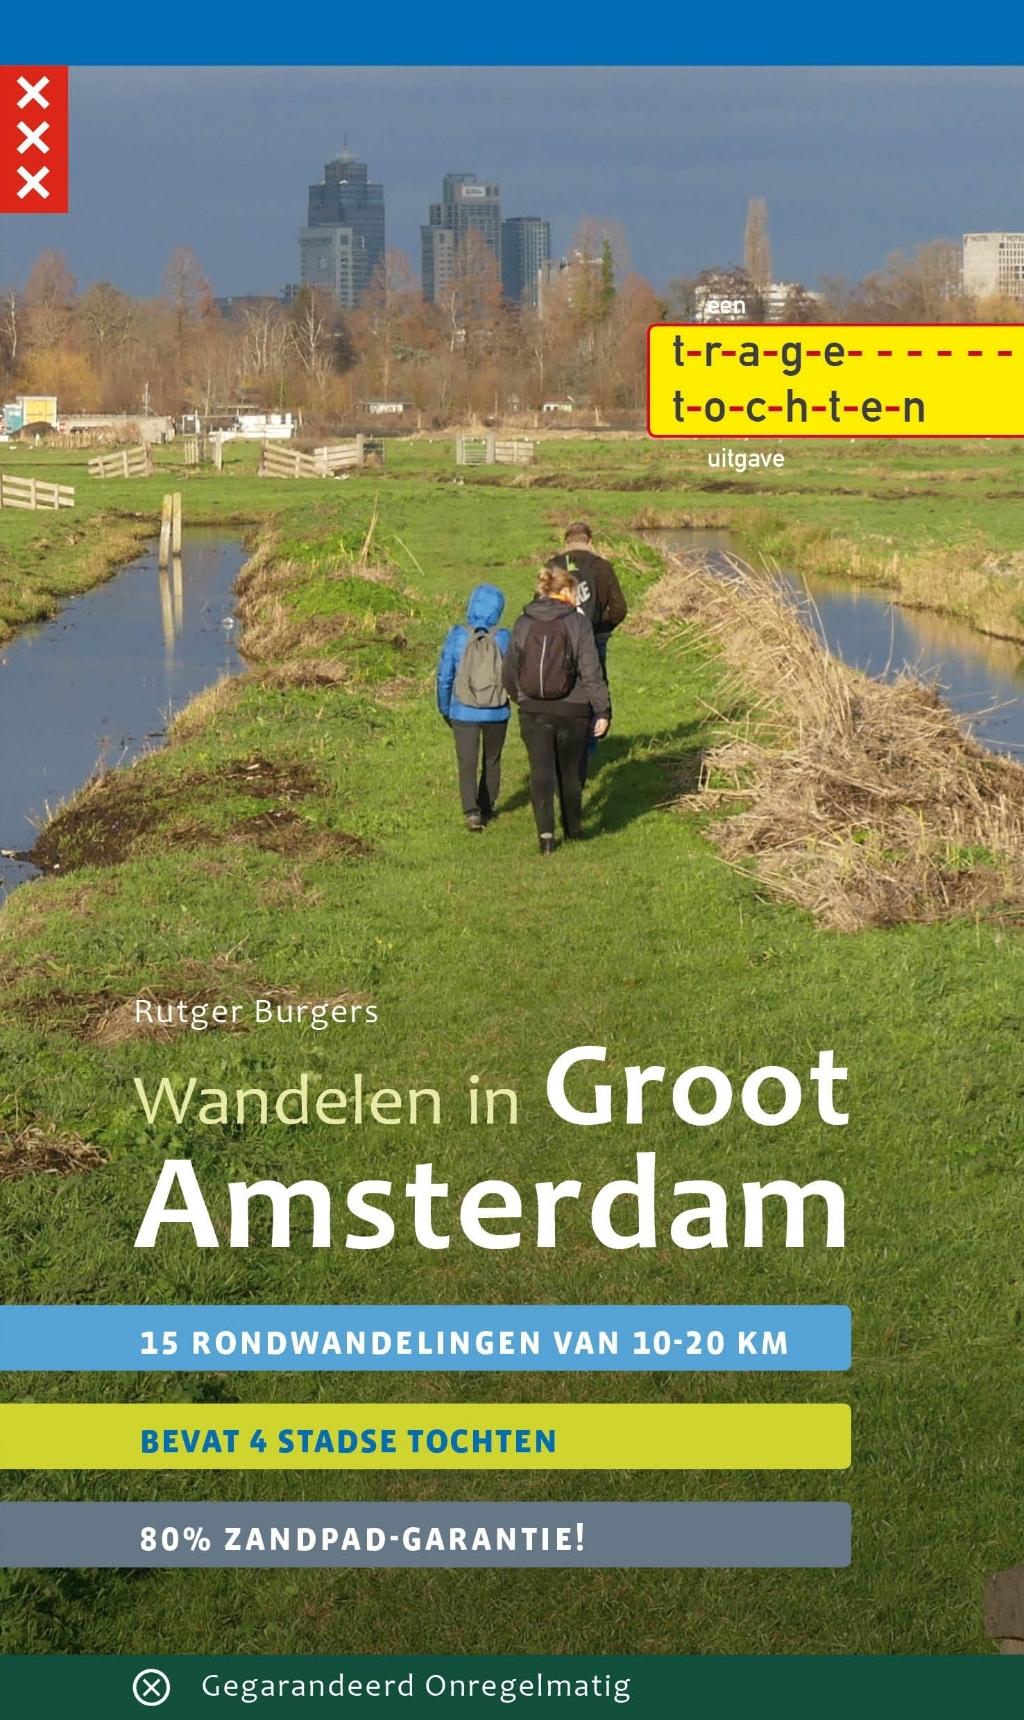 <p>Uitgeverij Gegarandeerd Onregelmatig</p> © BDU media